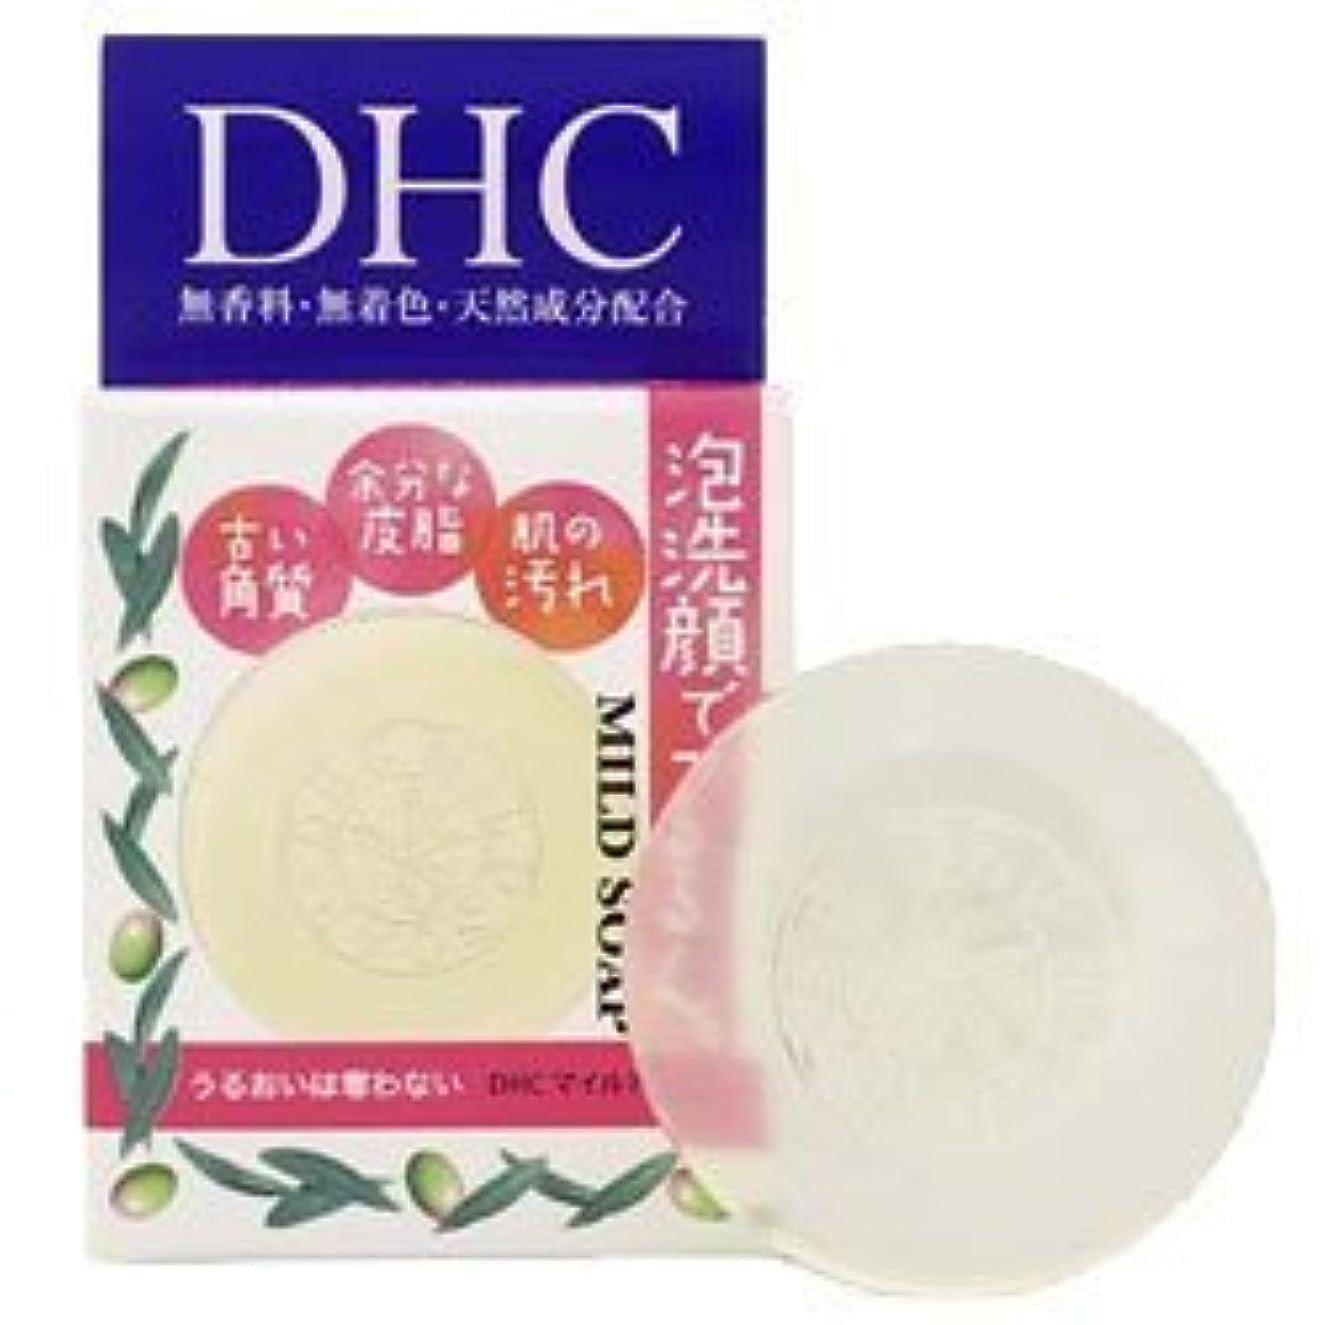 フィヨルドピザ増幅器【DHC】DHC マイルドソープ(SS) 35g ×5個セット